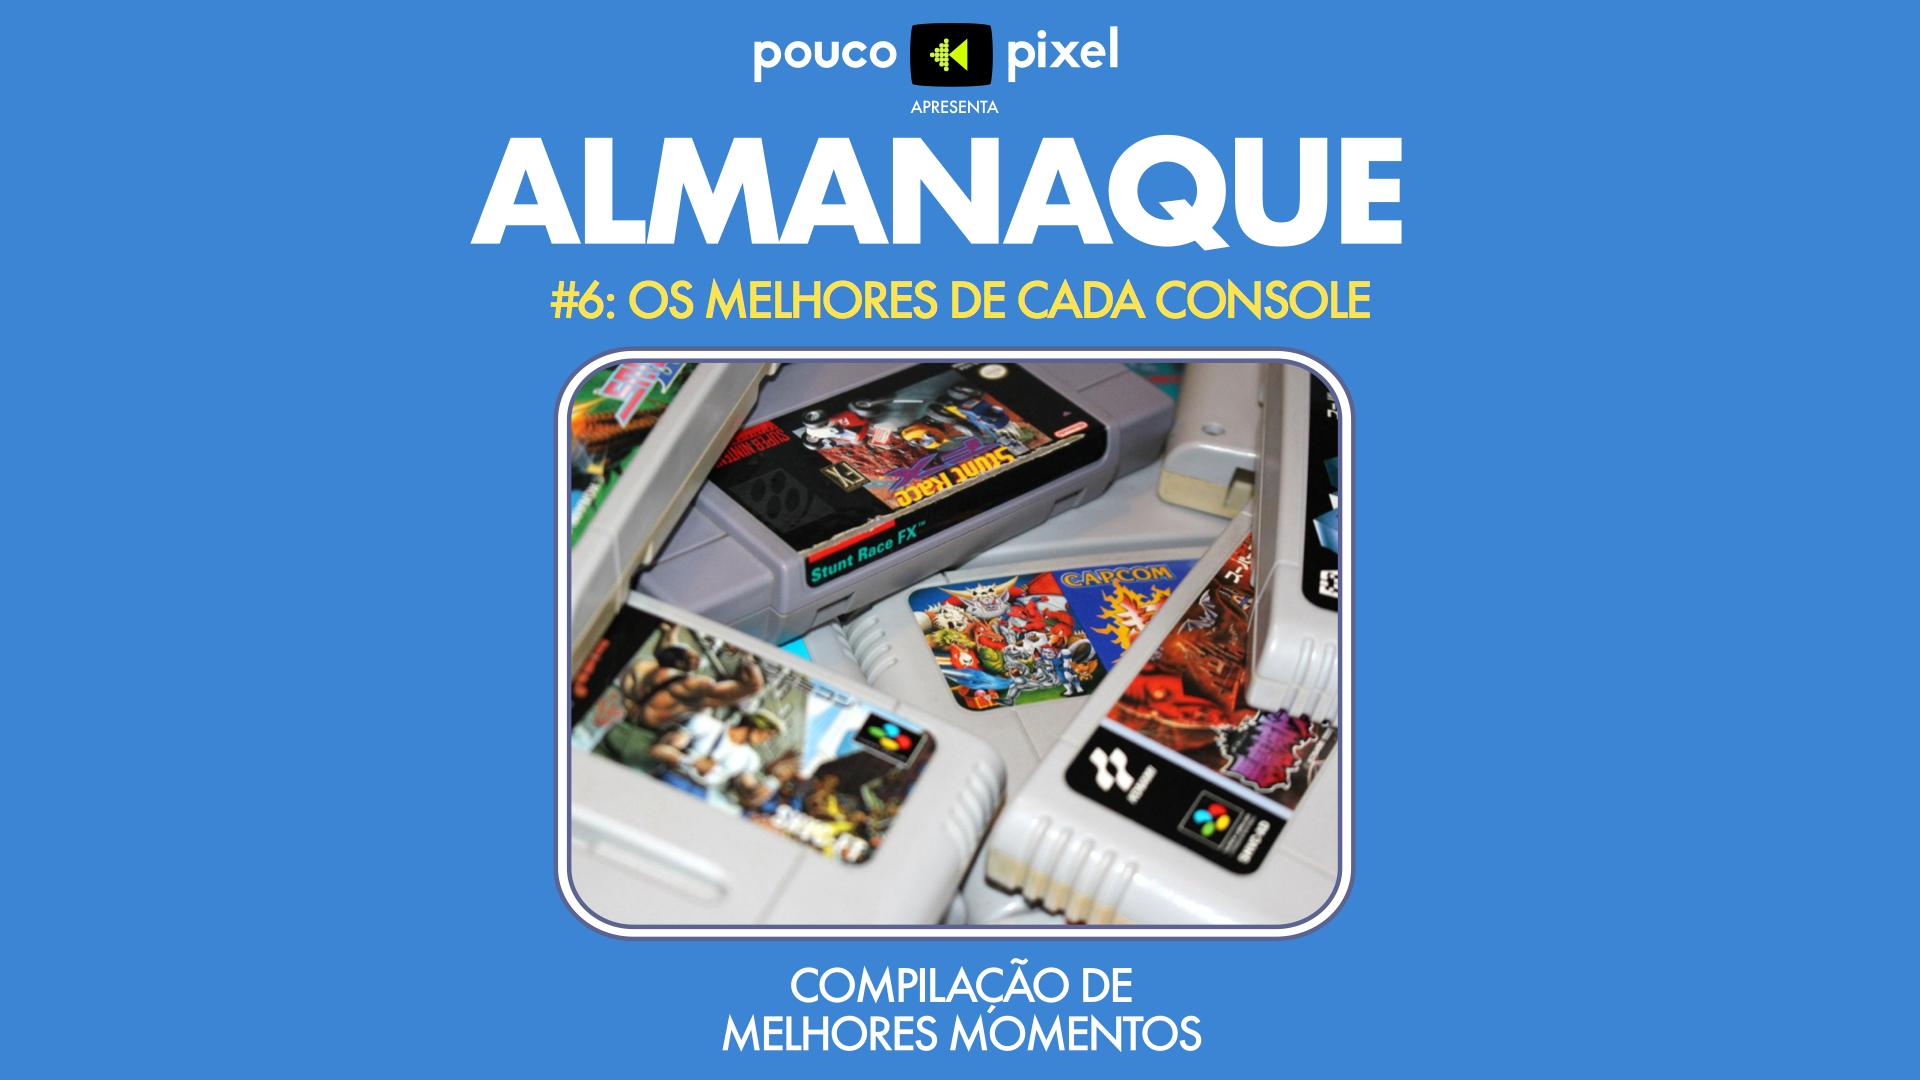 Capa - Almanaque 6 - Os melhores de cada console